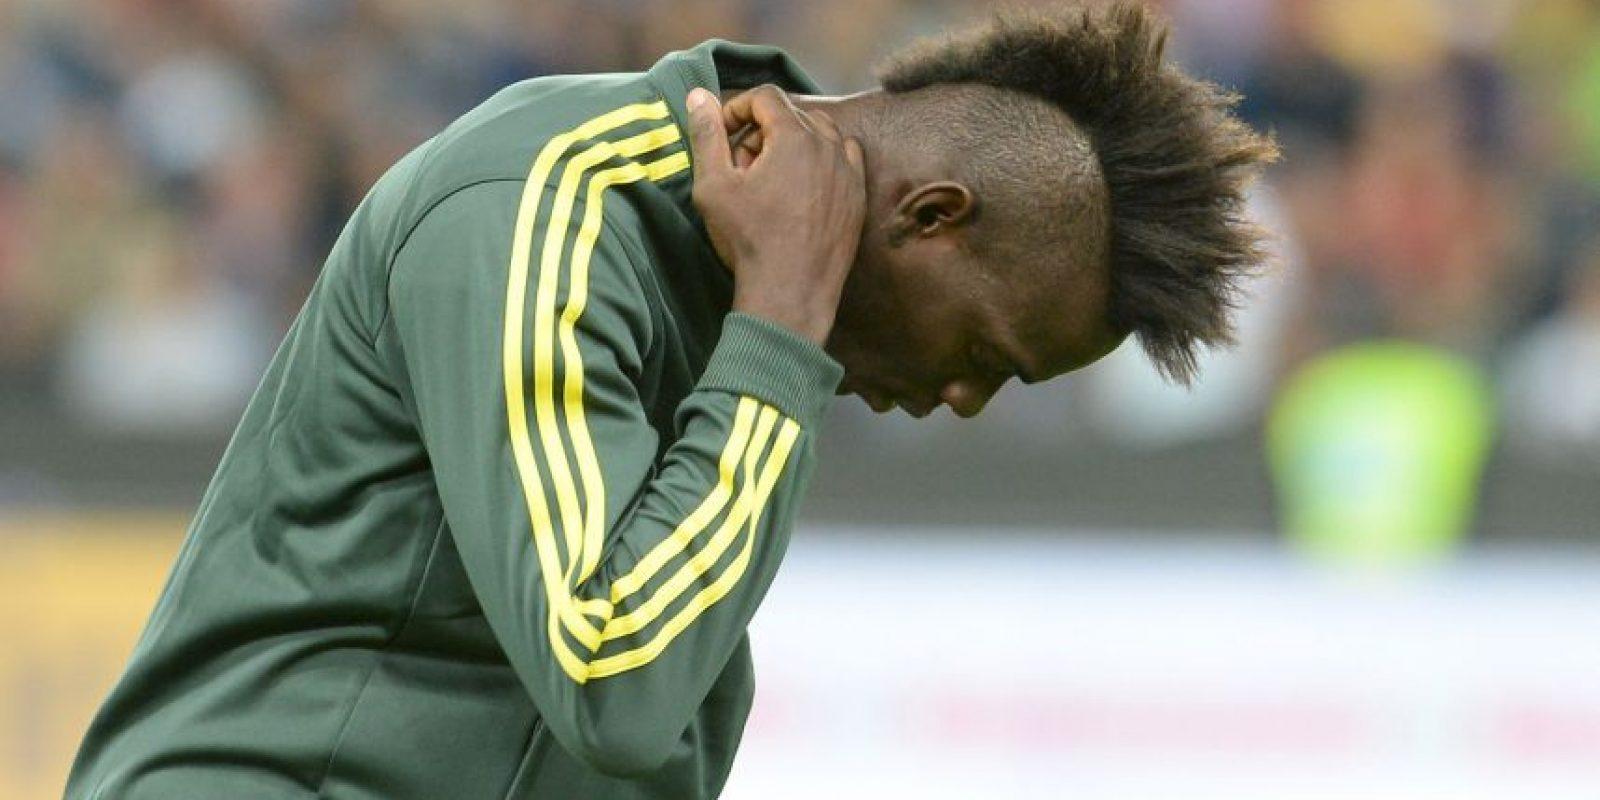 El atacante está entrenando con las reservas y ahora sus polémicas son más recordadas que sus goles Foto:Getty Images